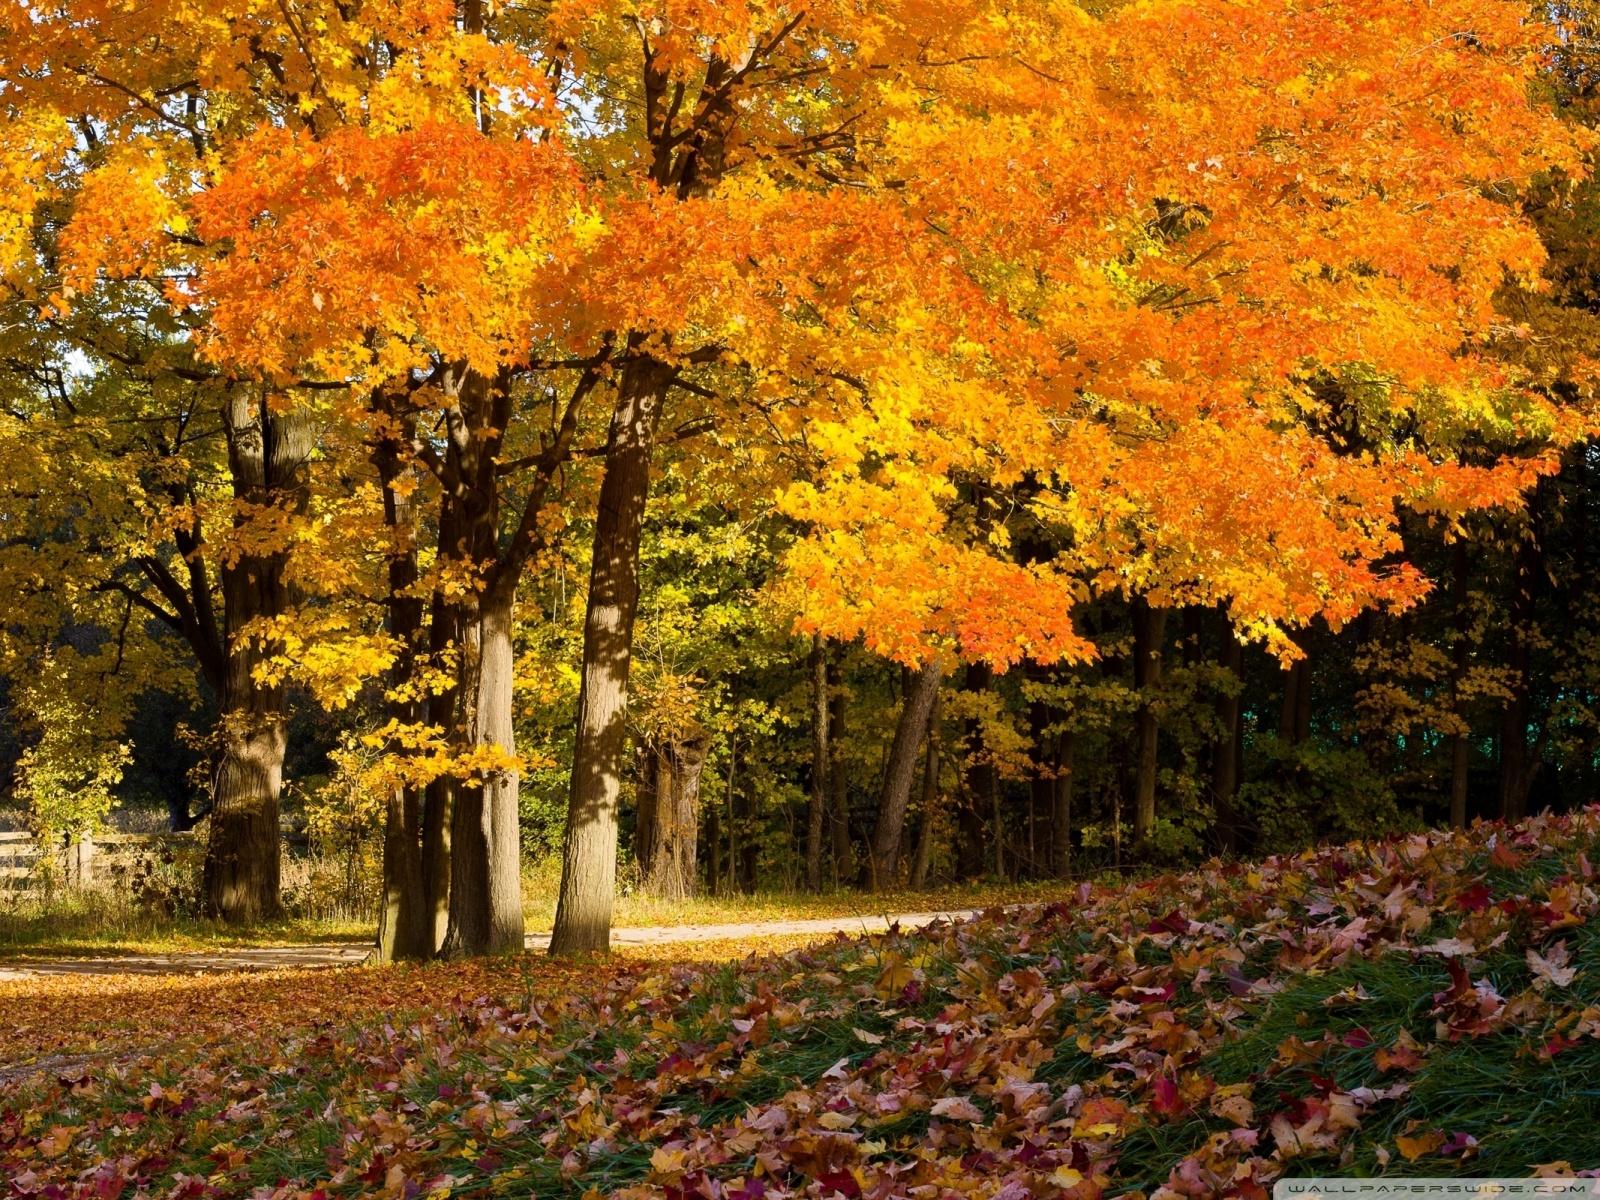 40 Autumn Scene Background Wallpaper for Desktop 1600x1200